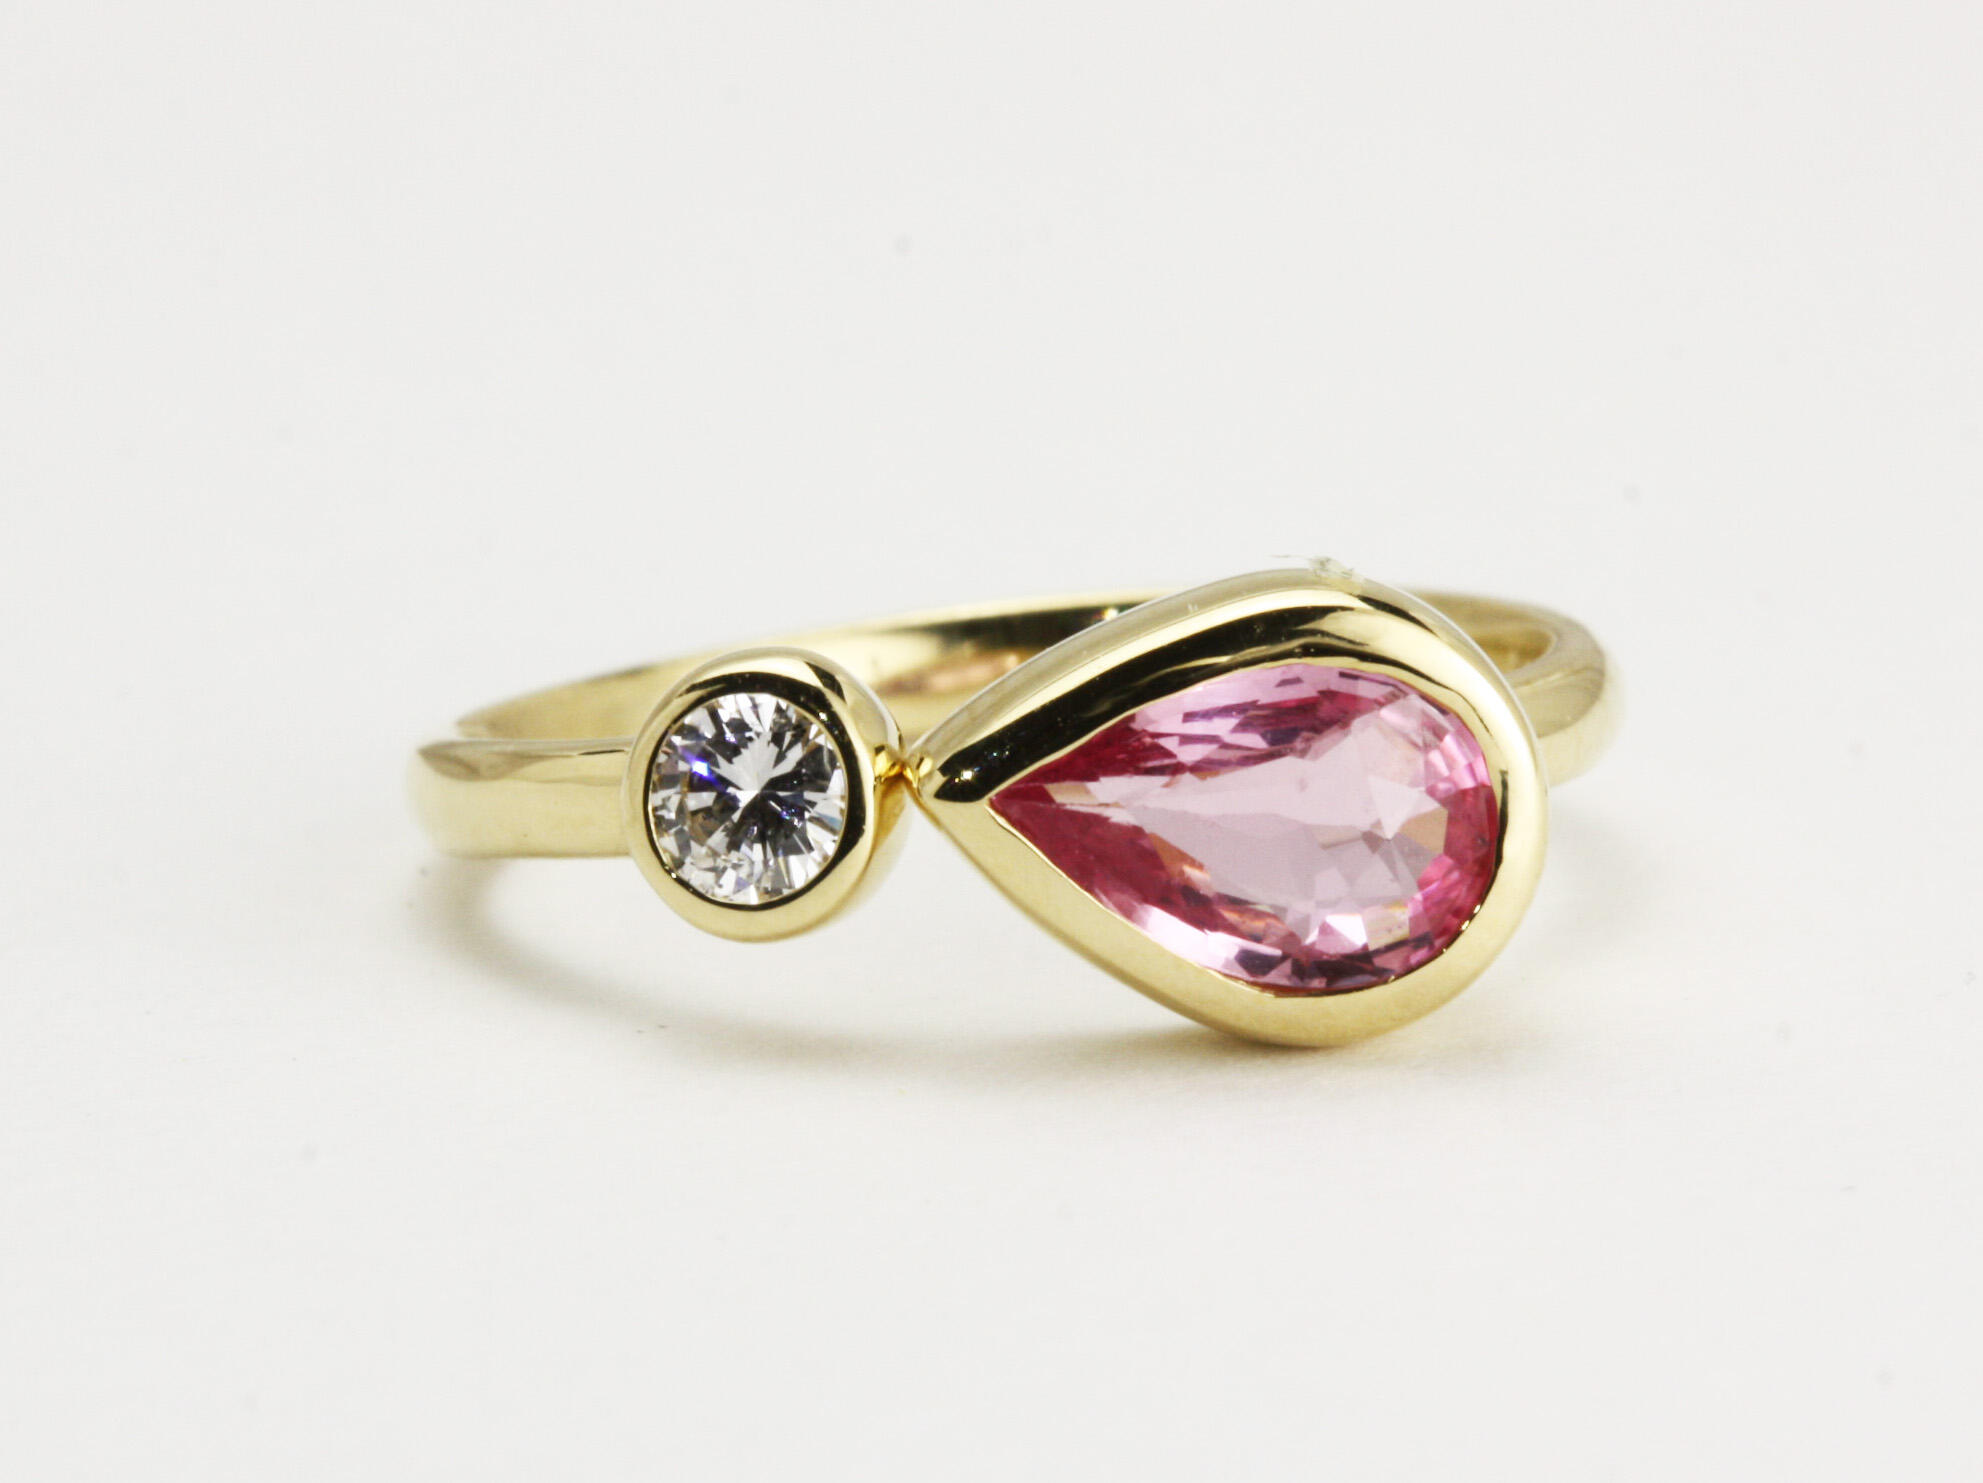 k18枠ピンクサファイヤ&ダイヤモンドのフォークリング